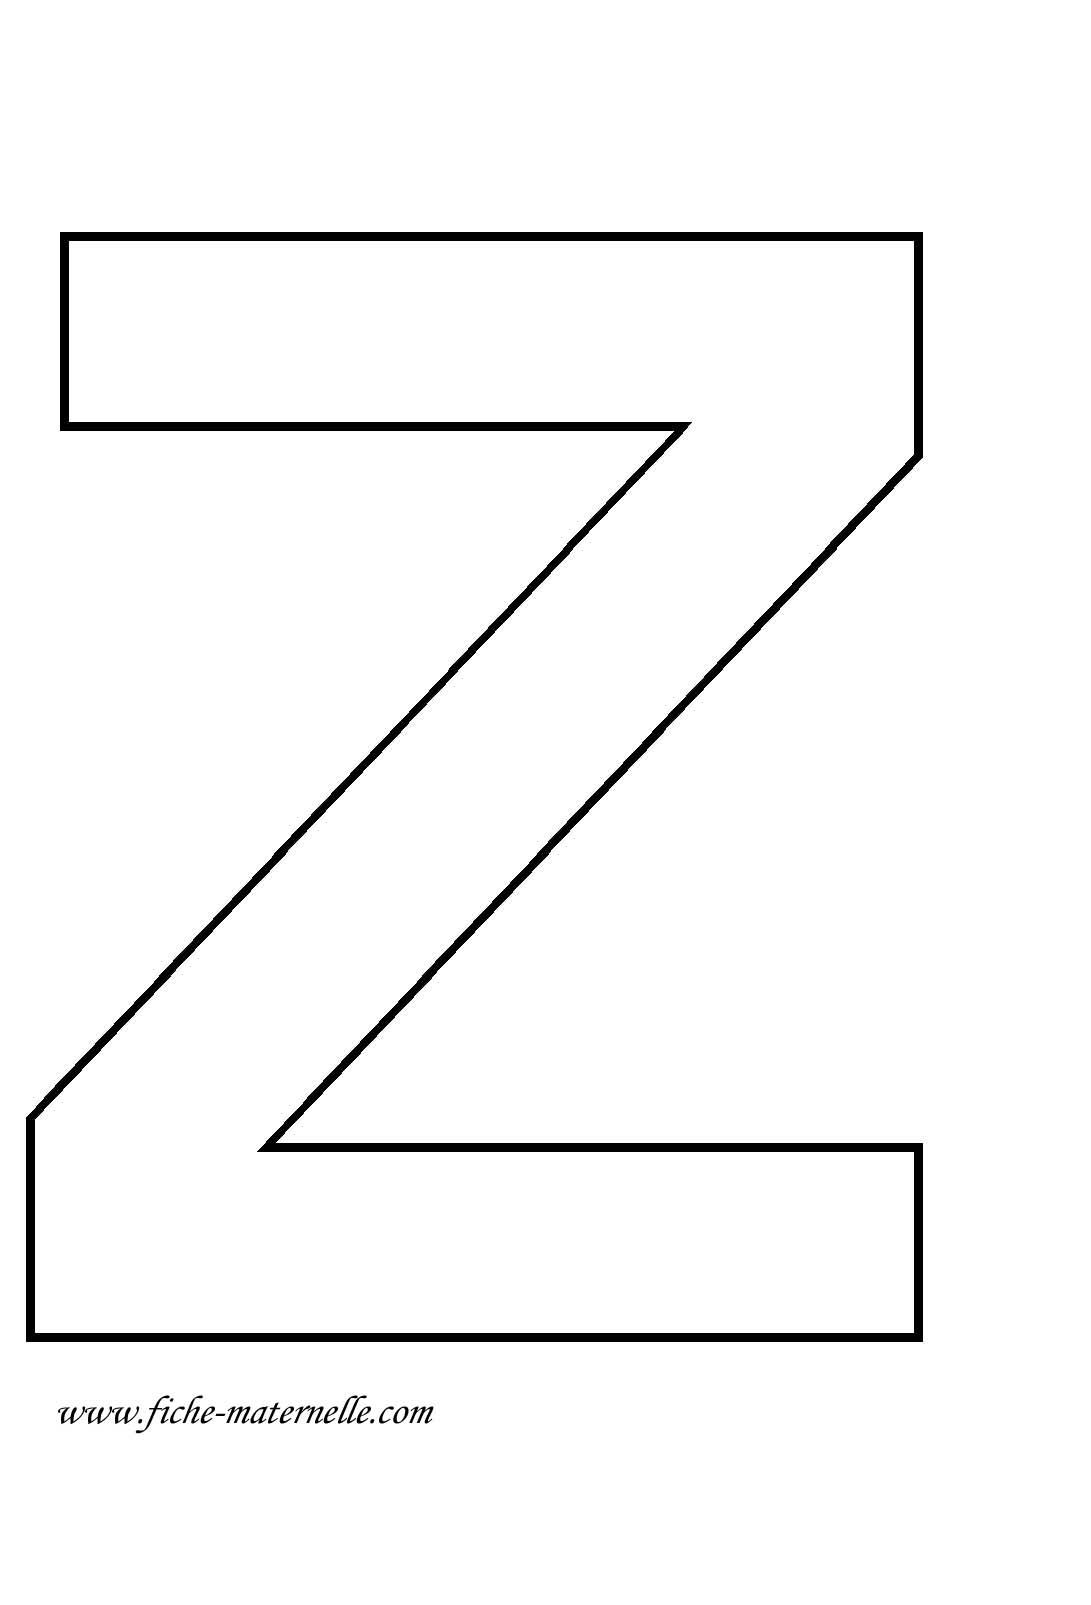 La lettre z - Z en majuscule ...